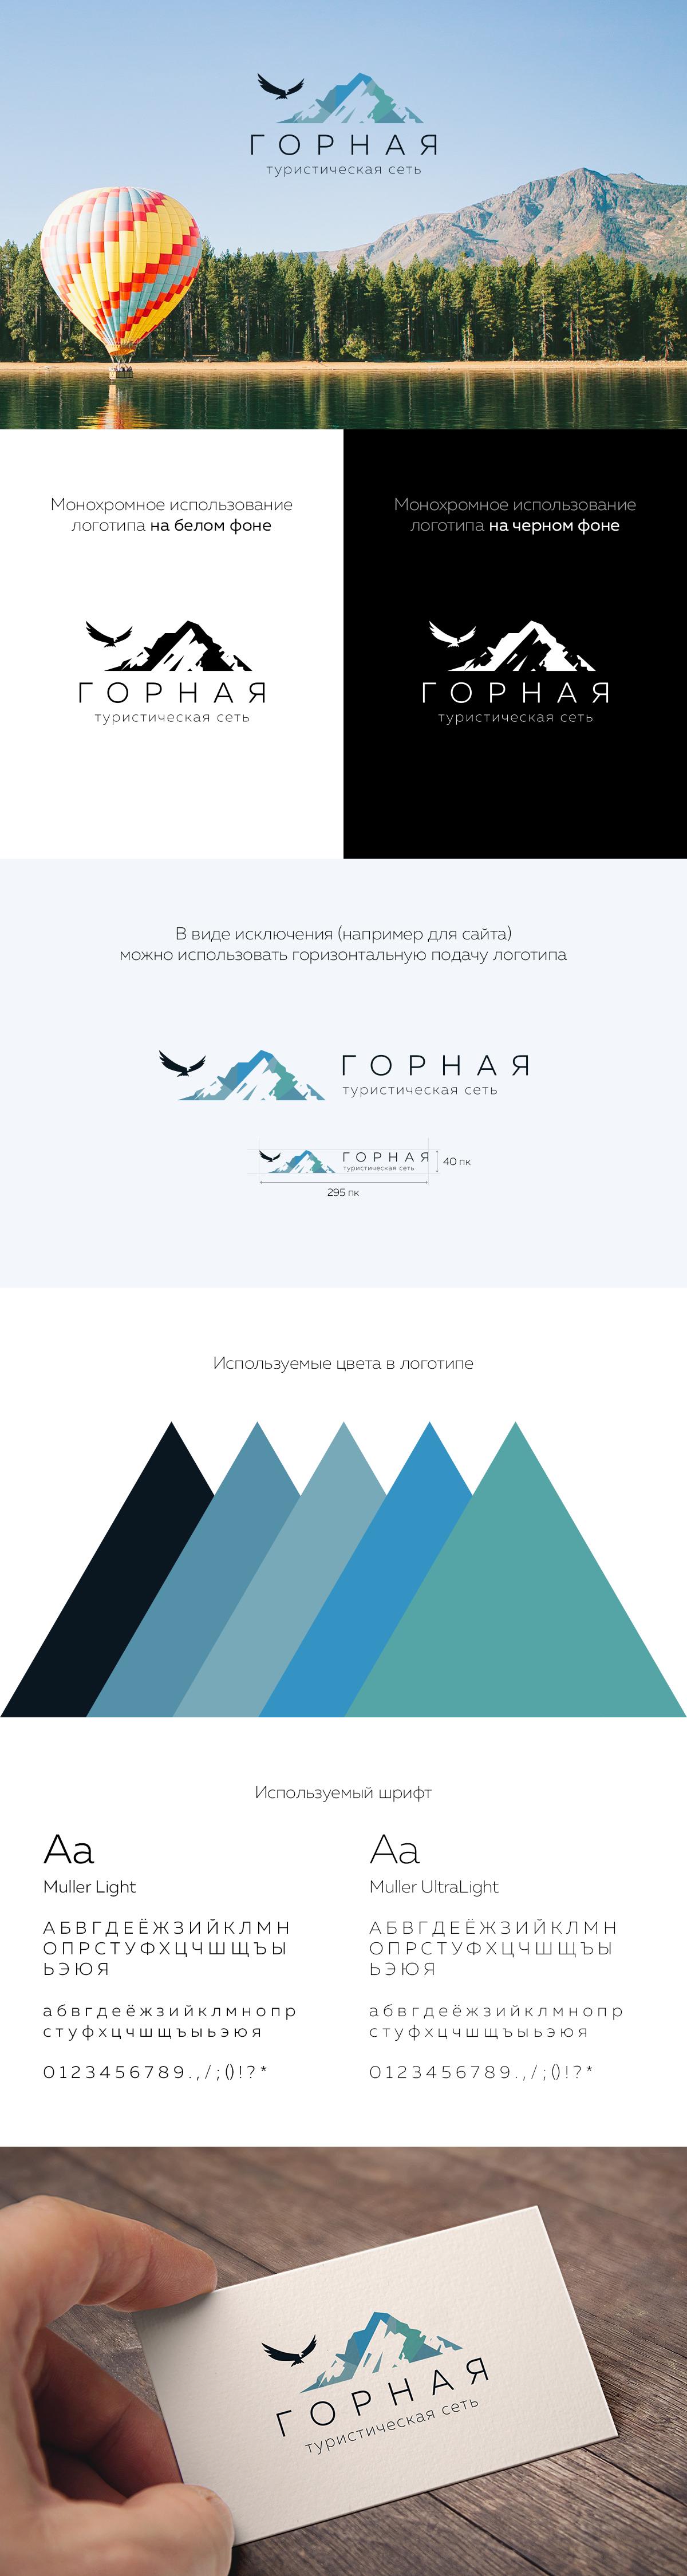 ТУРИСТИЧЕСКАЯ СЕТЬ «ГОРНАЯ» - разработка логотипа